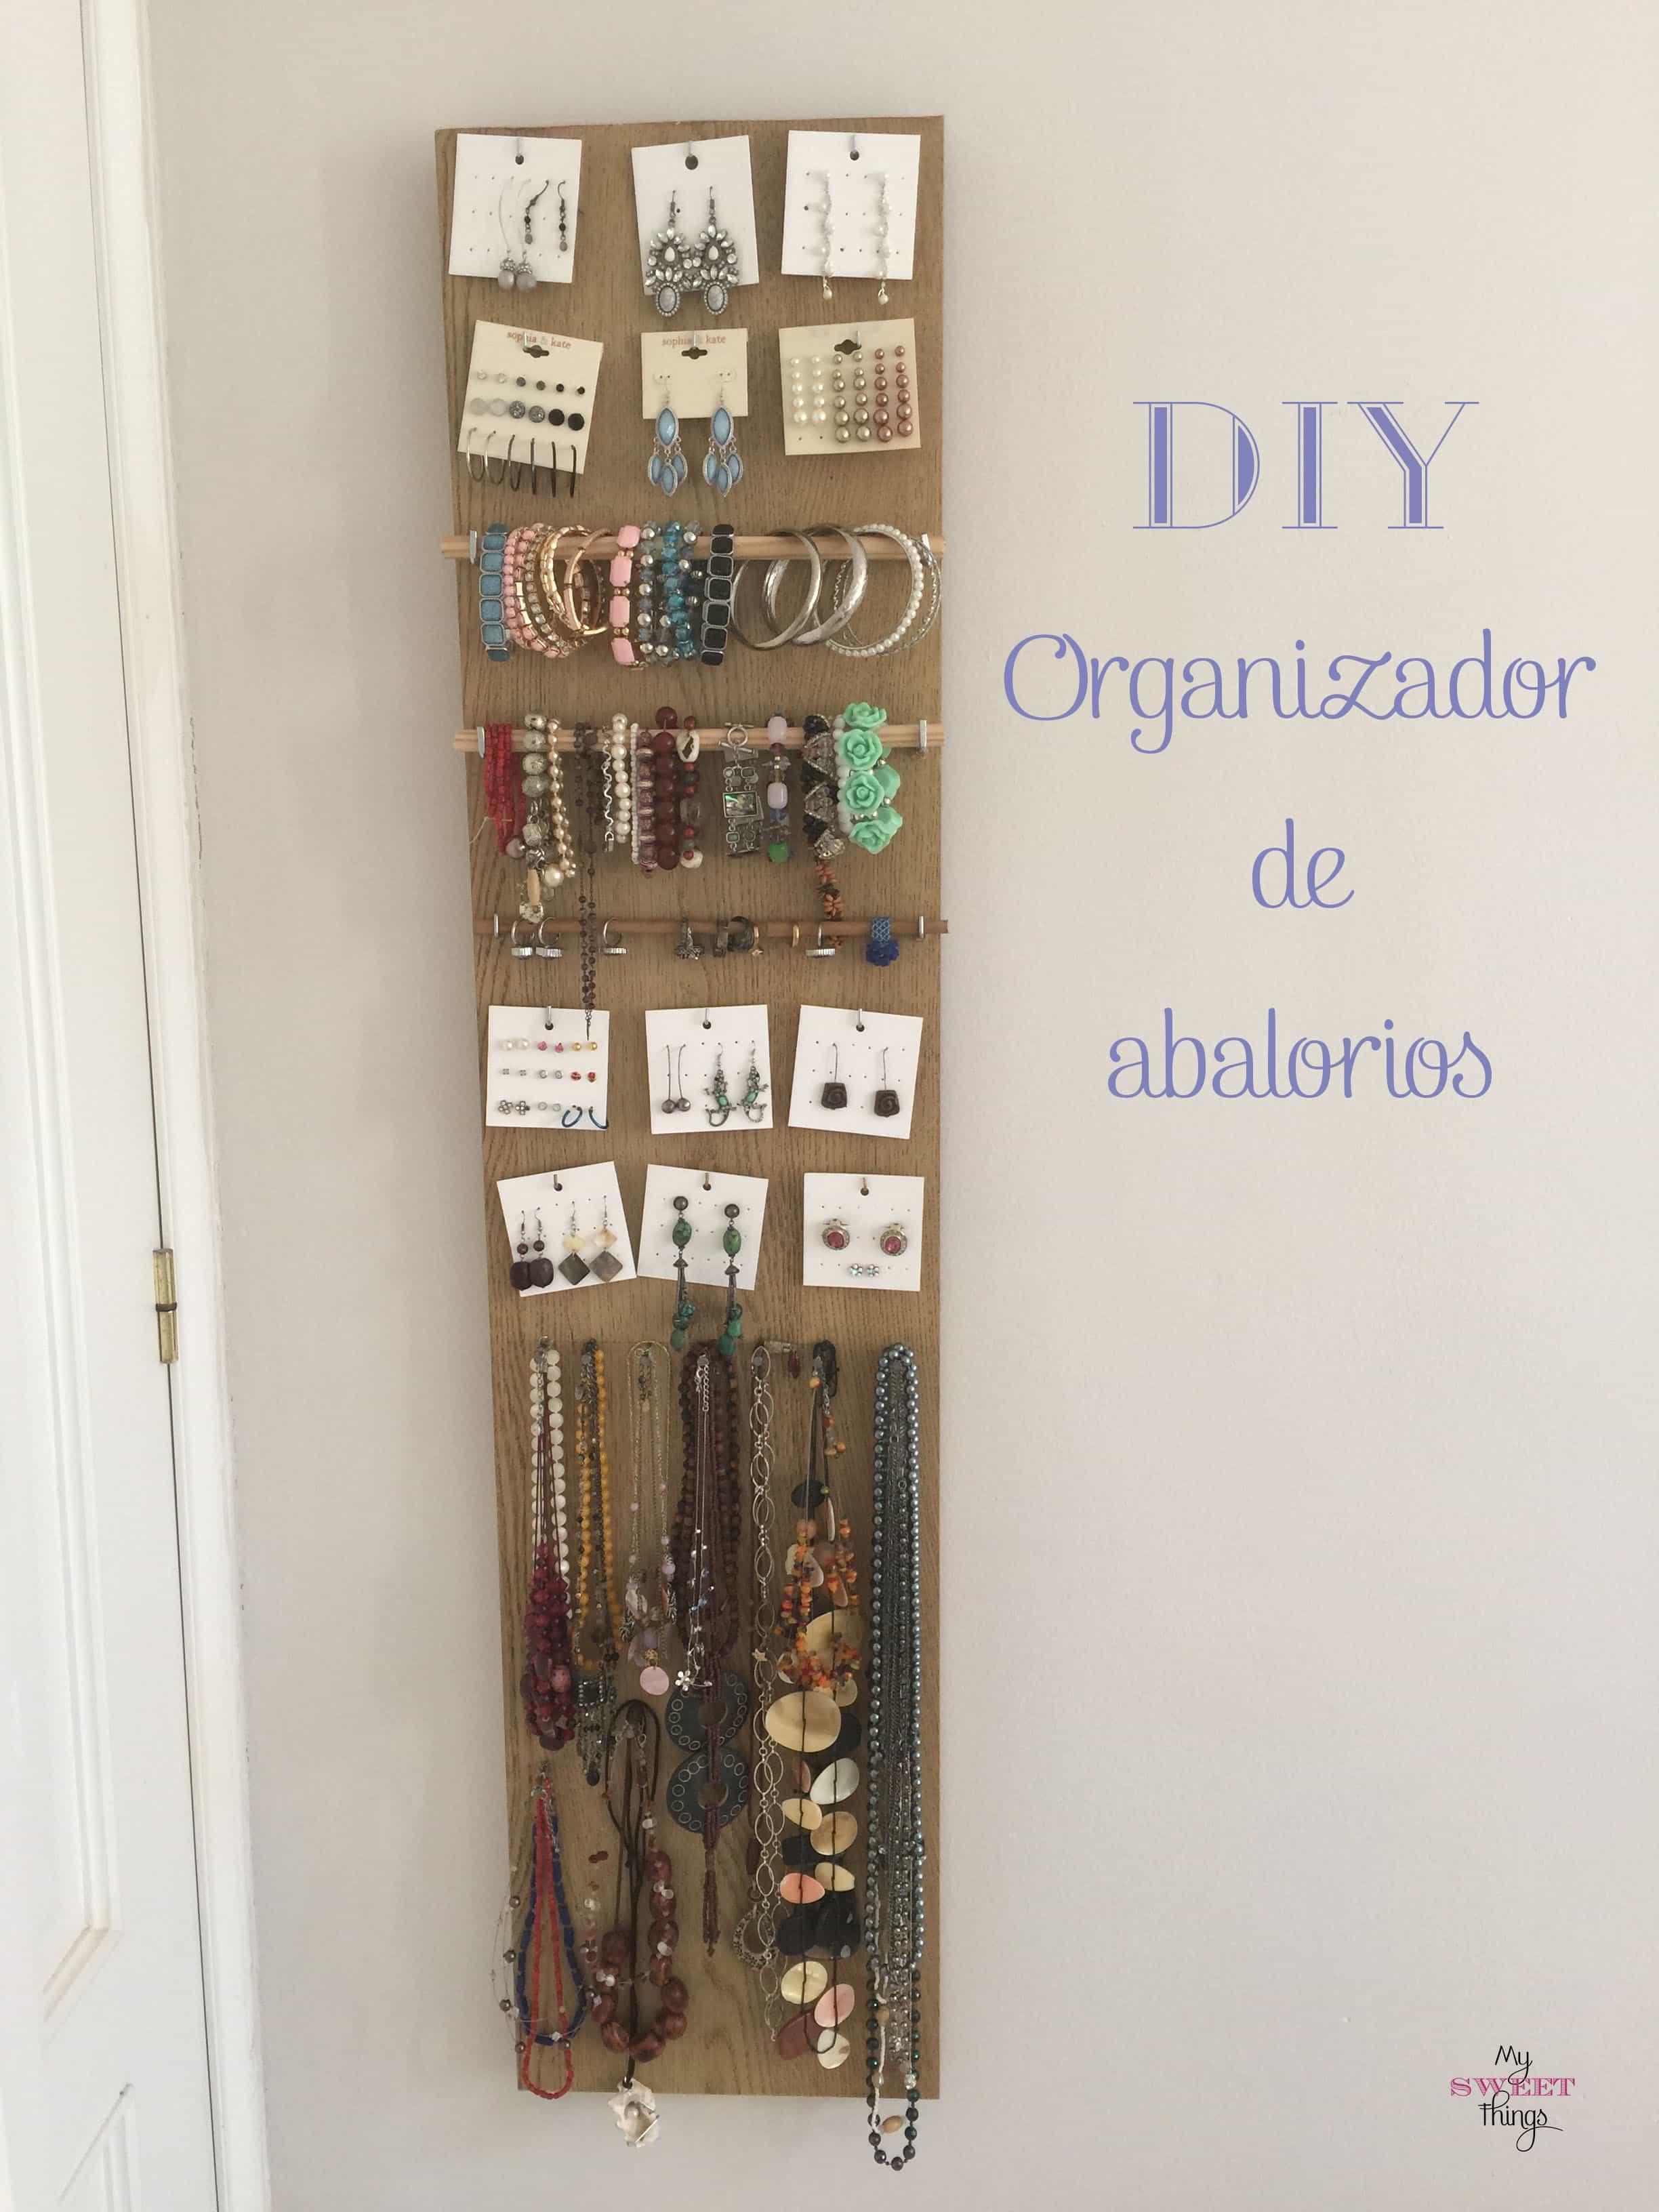 Complicación de proyectos del 2015 | Organizador de abalorios DIY | Via www.sweethings.net